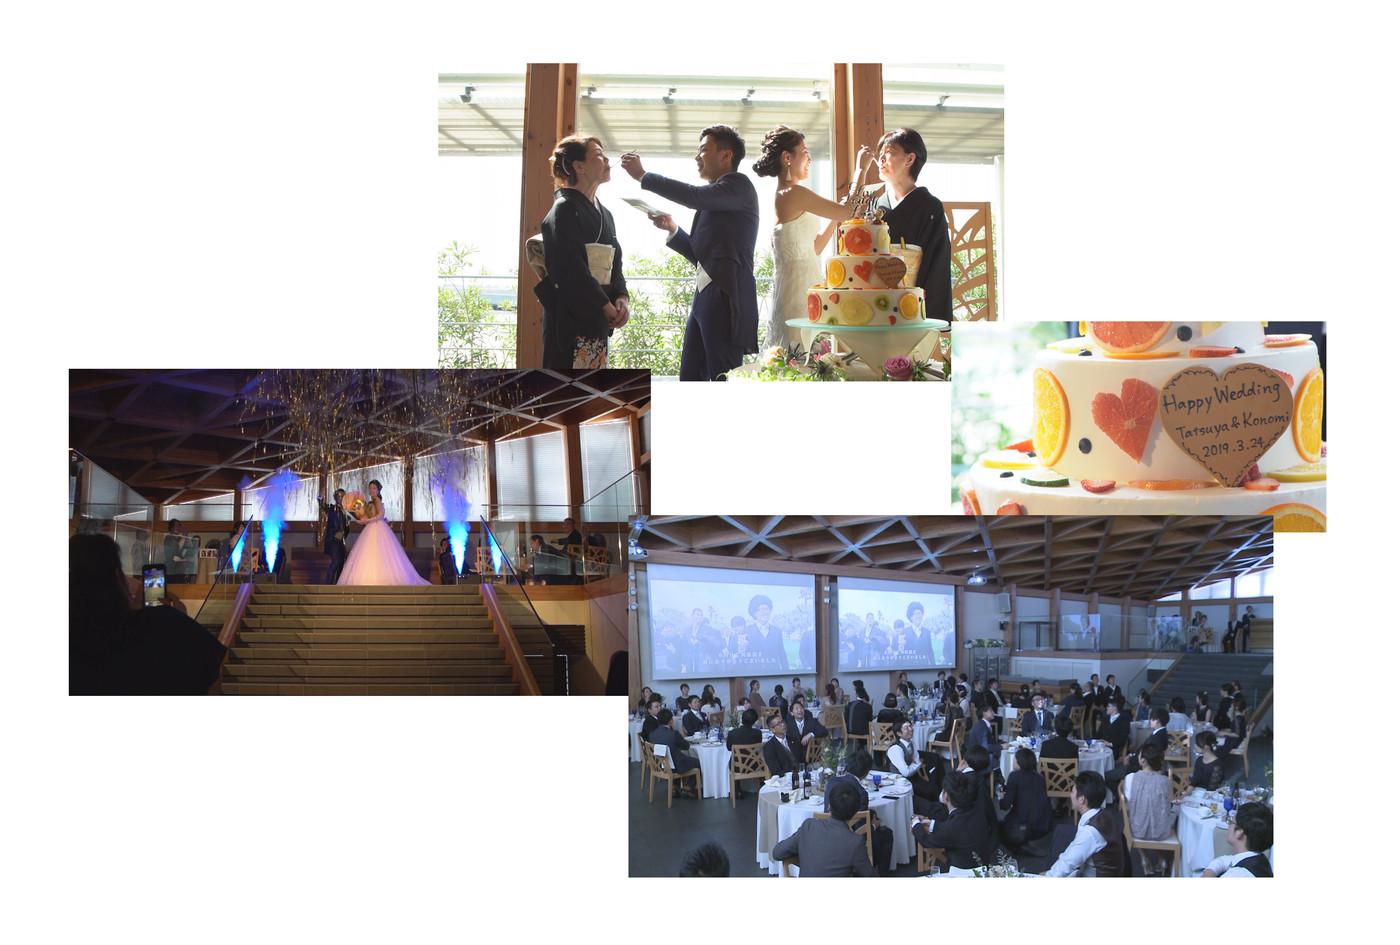 コネクトさん 作成ブログ3 写真2.jpg